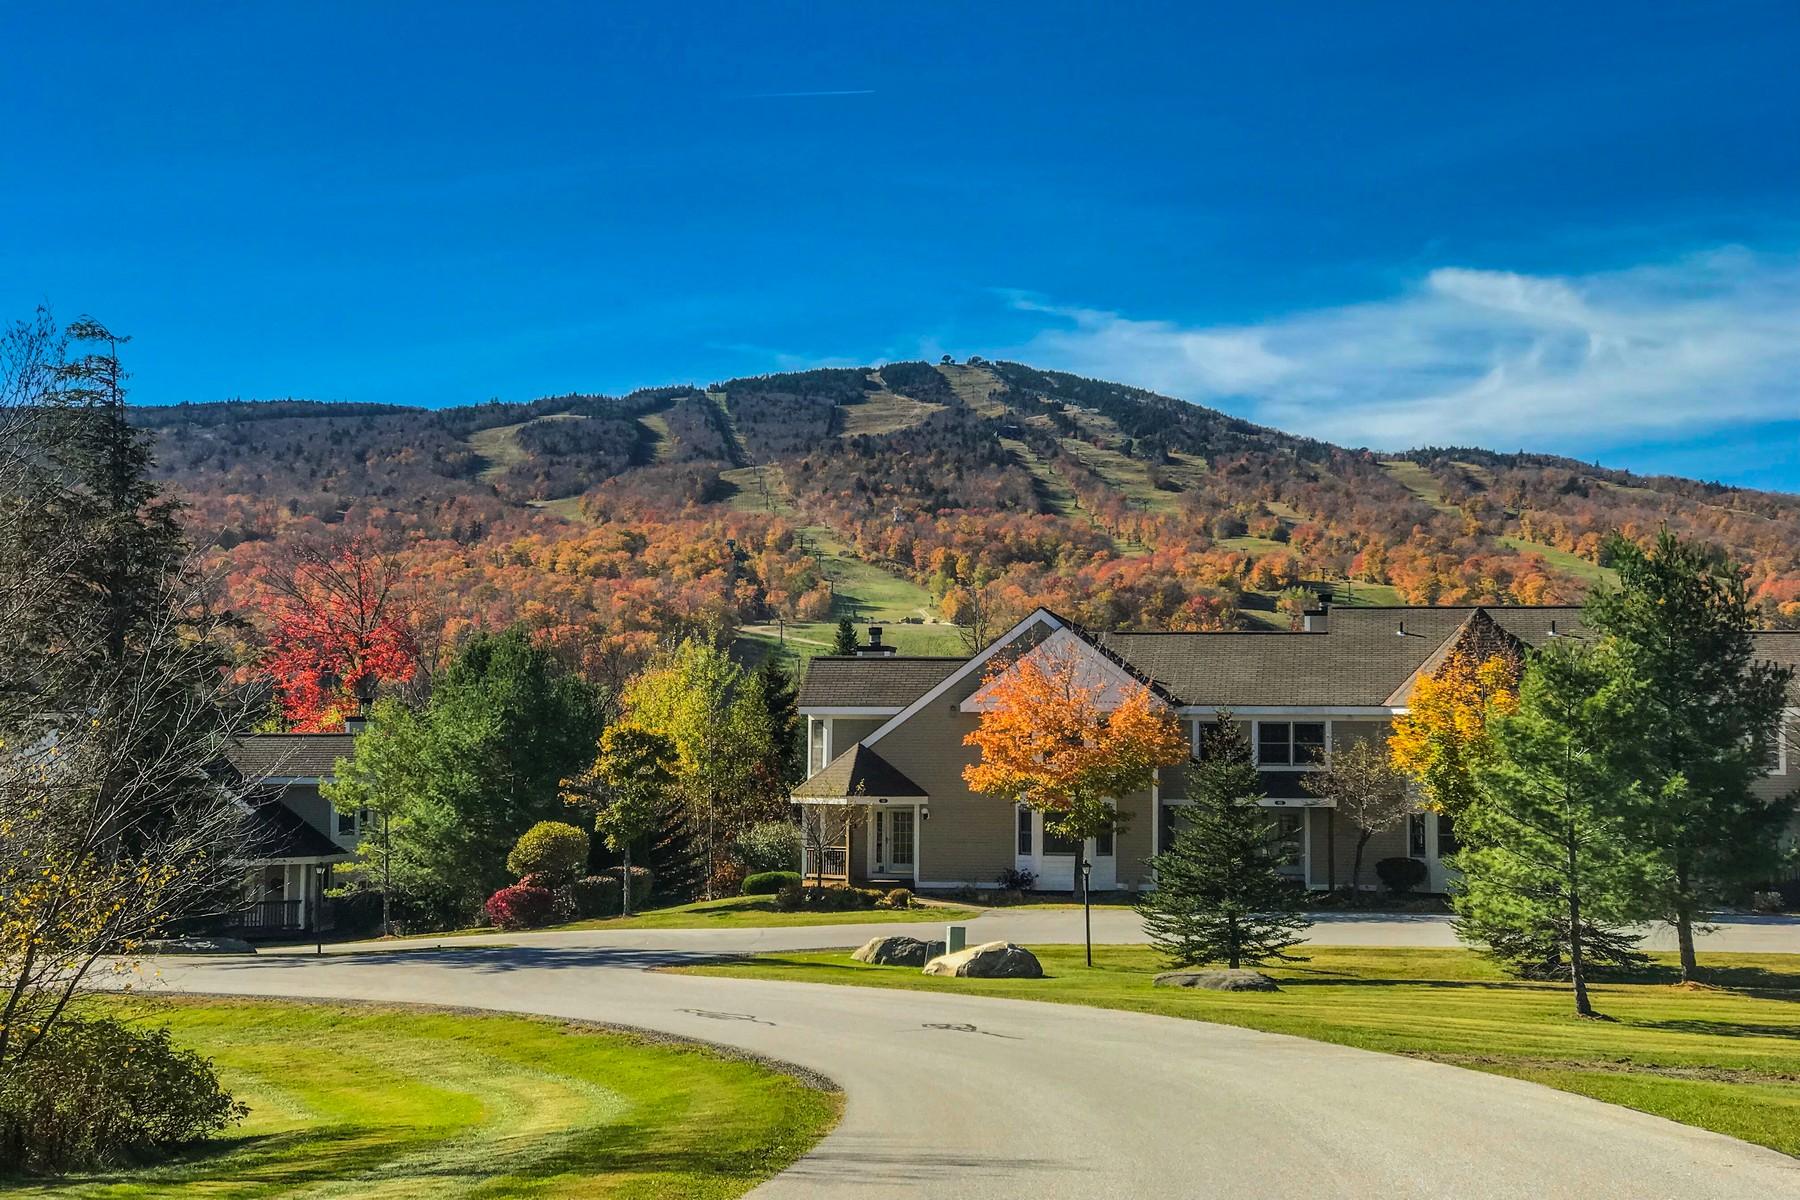 共管式独立产权公寓 为 销售 在 31B Dover Springs Lane, Dover 31B Dover Springs Ln, 多佛, 佛蒙特州, 05356 美国